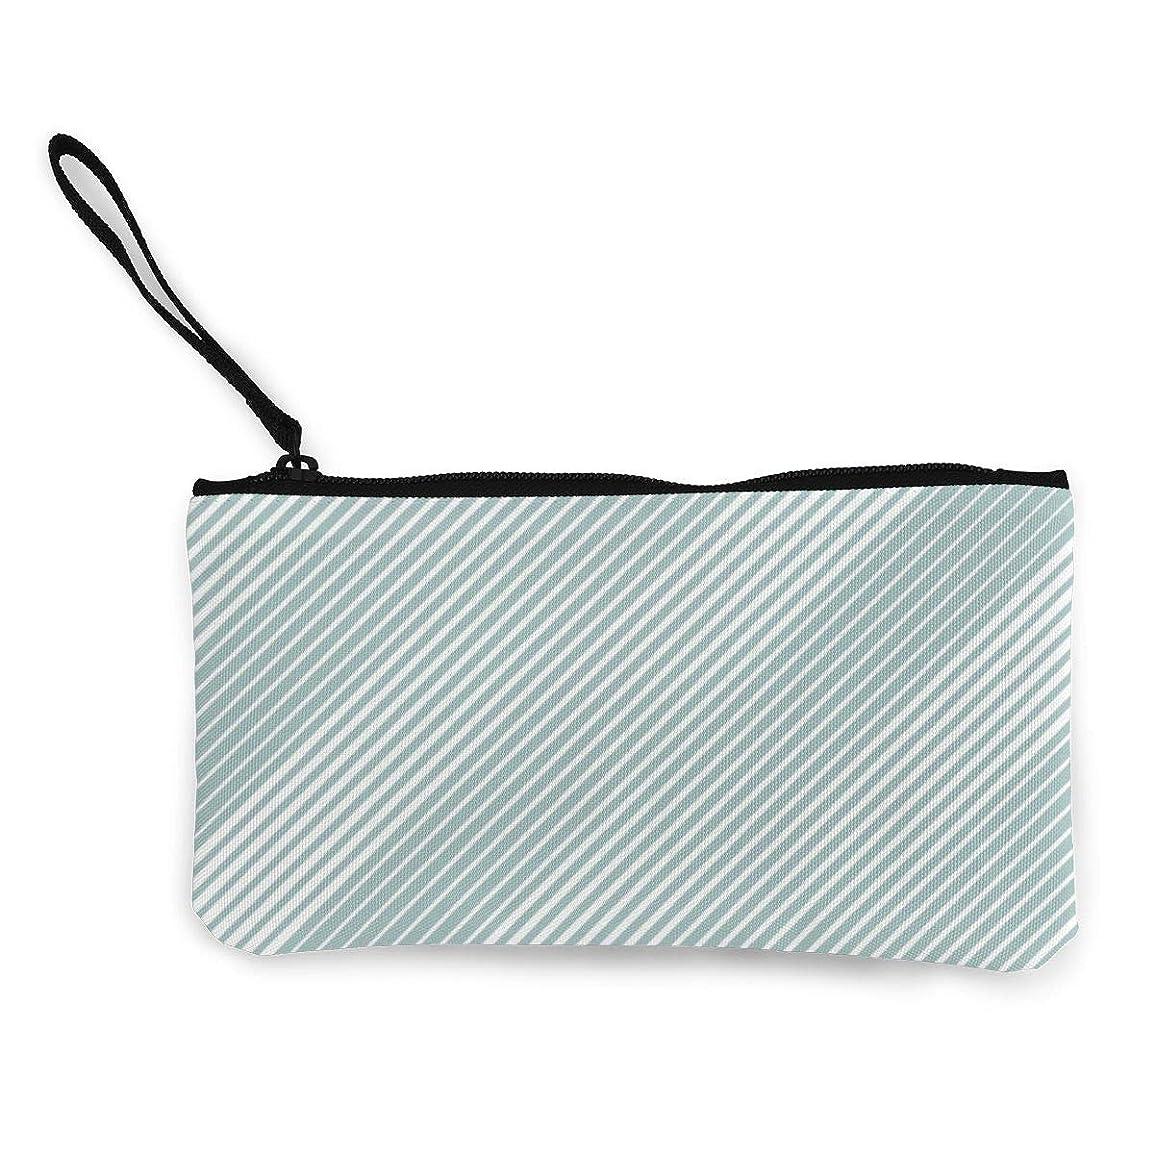 面倒泥人質ErmiCo レディース 小銭入れ キャンバス財布 垂直線を持つ抽象 小遣い財布 財布 鍵 小物 充電器 収納 長財布 ファスナー付き 22×12cm